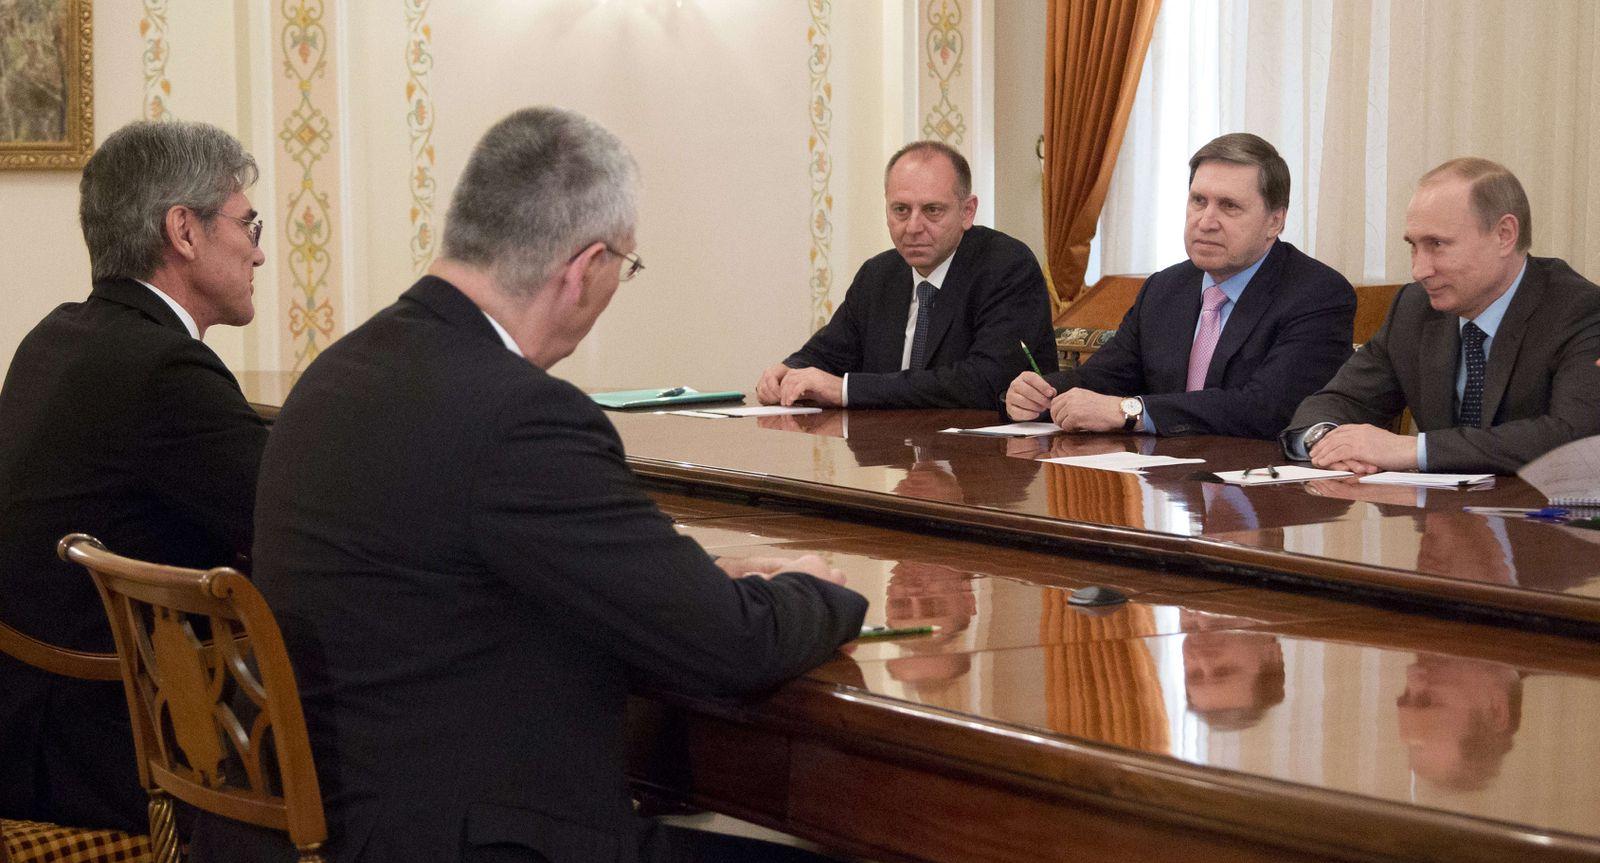 Siemens Kaeser Putin